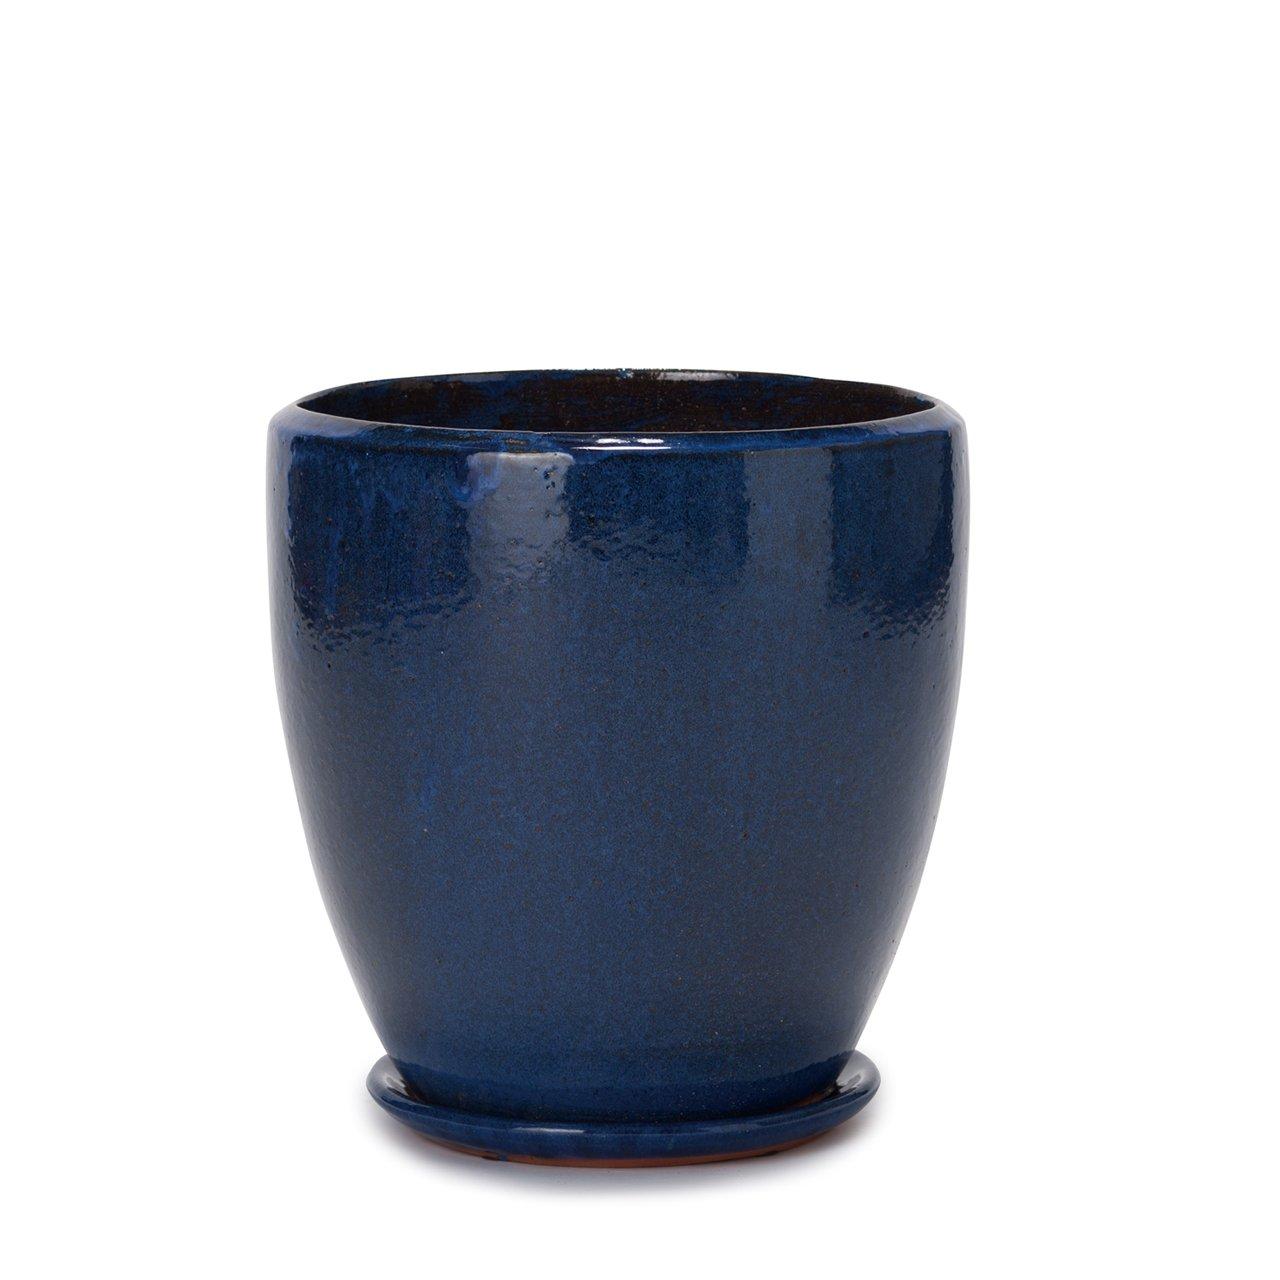 植木鉢 大型中型 ヴィトロ ドュオ 受け皿付き S 9号 ブルー釉 B07D98TNK6 S 9号|ブルー釉 ブルー釉 S 9号